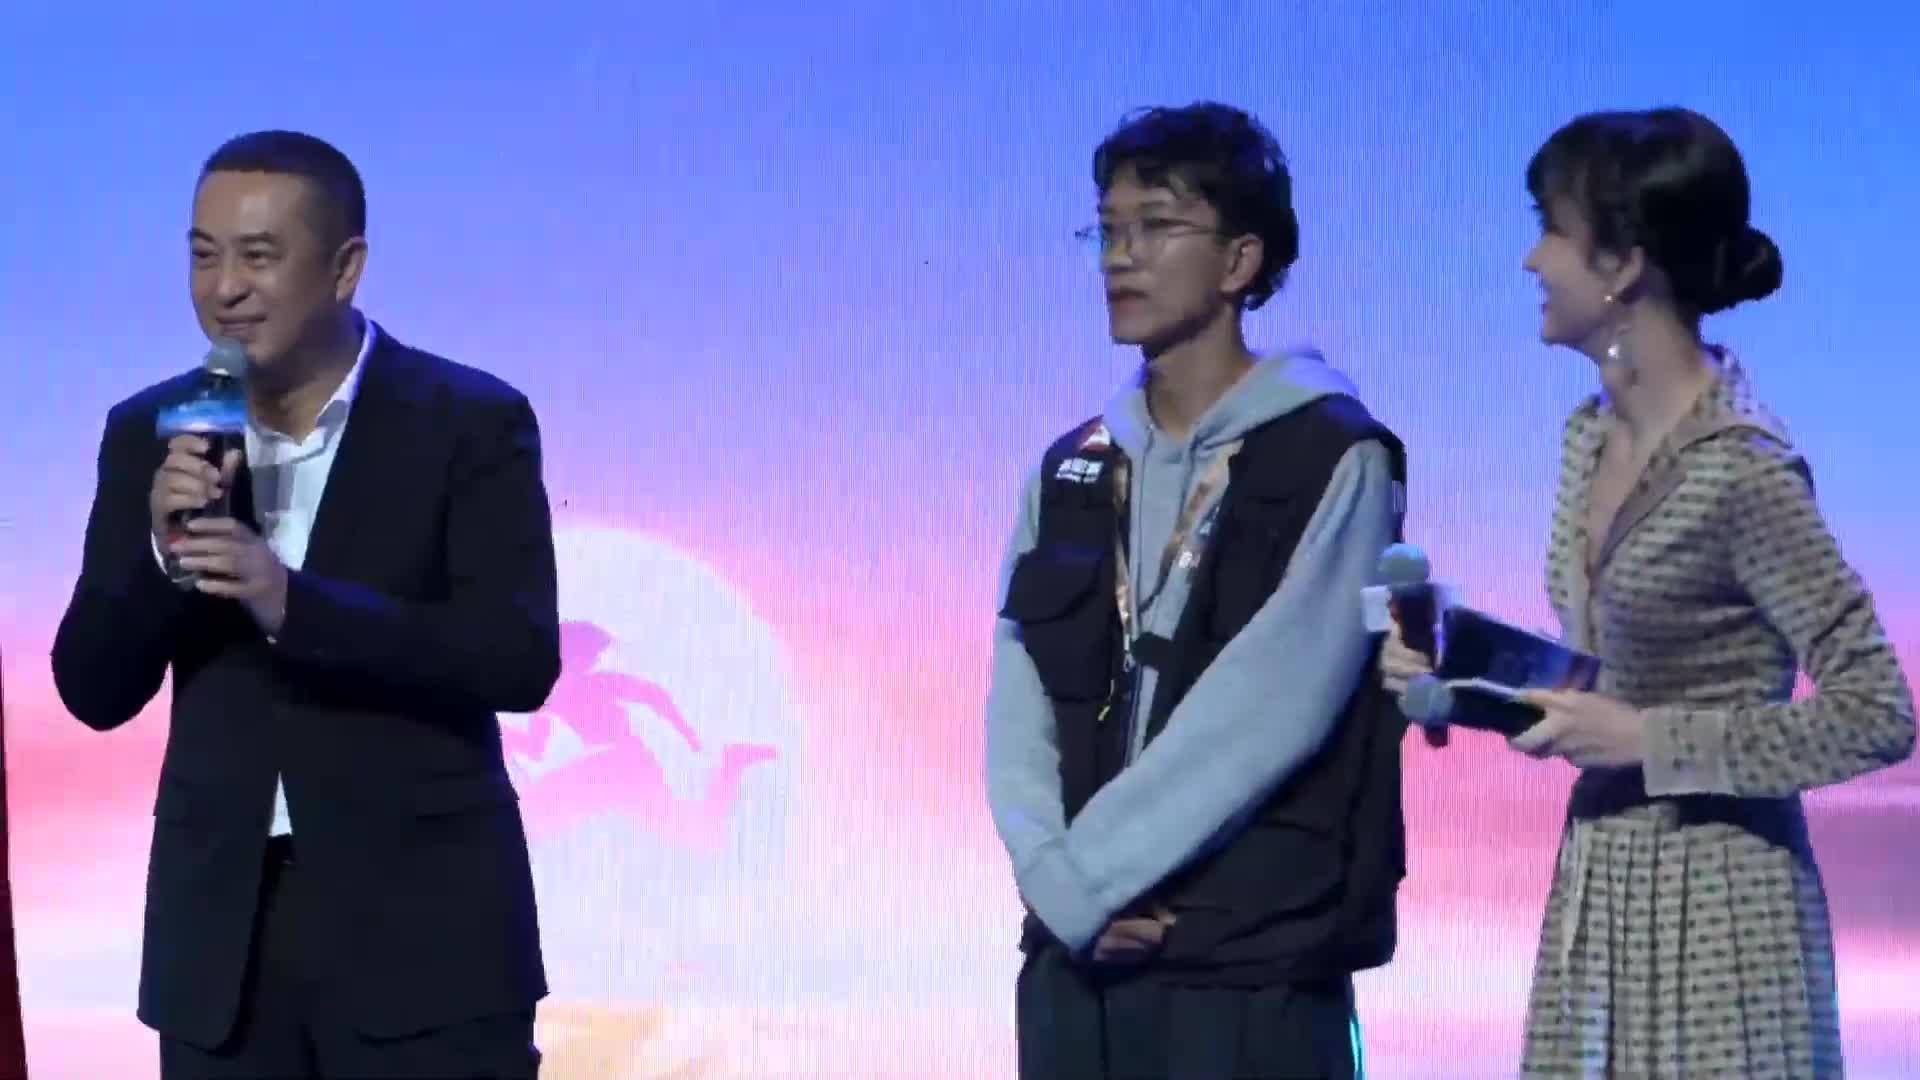 西影之夜:张嘉益与年龄最小西影人共同为西影艺创之家成立仪式揭牌